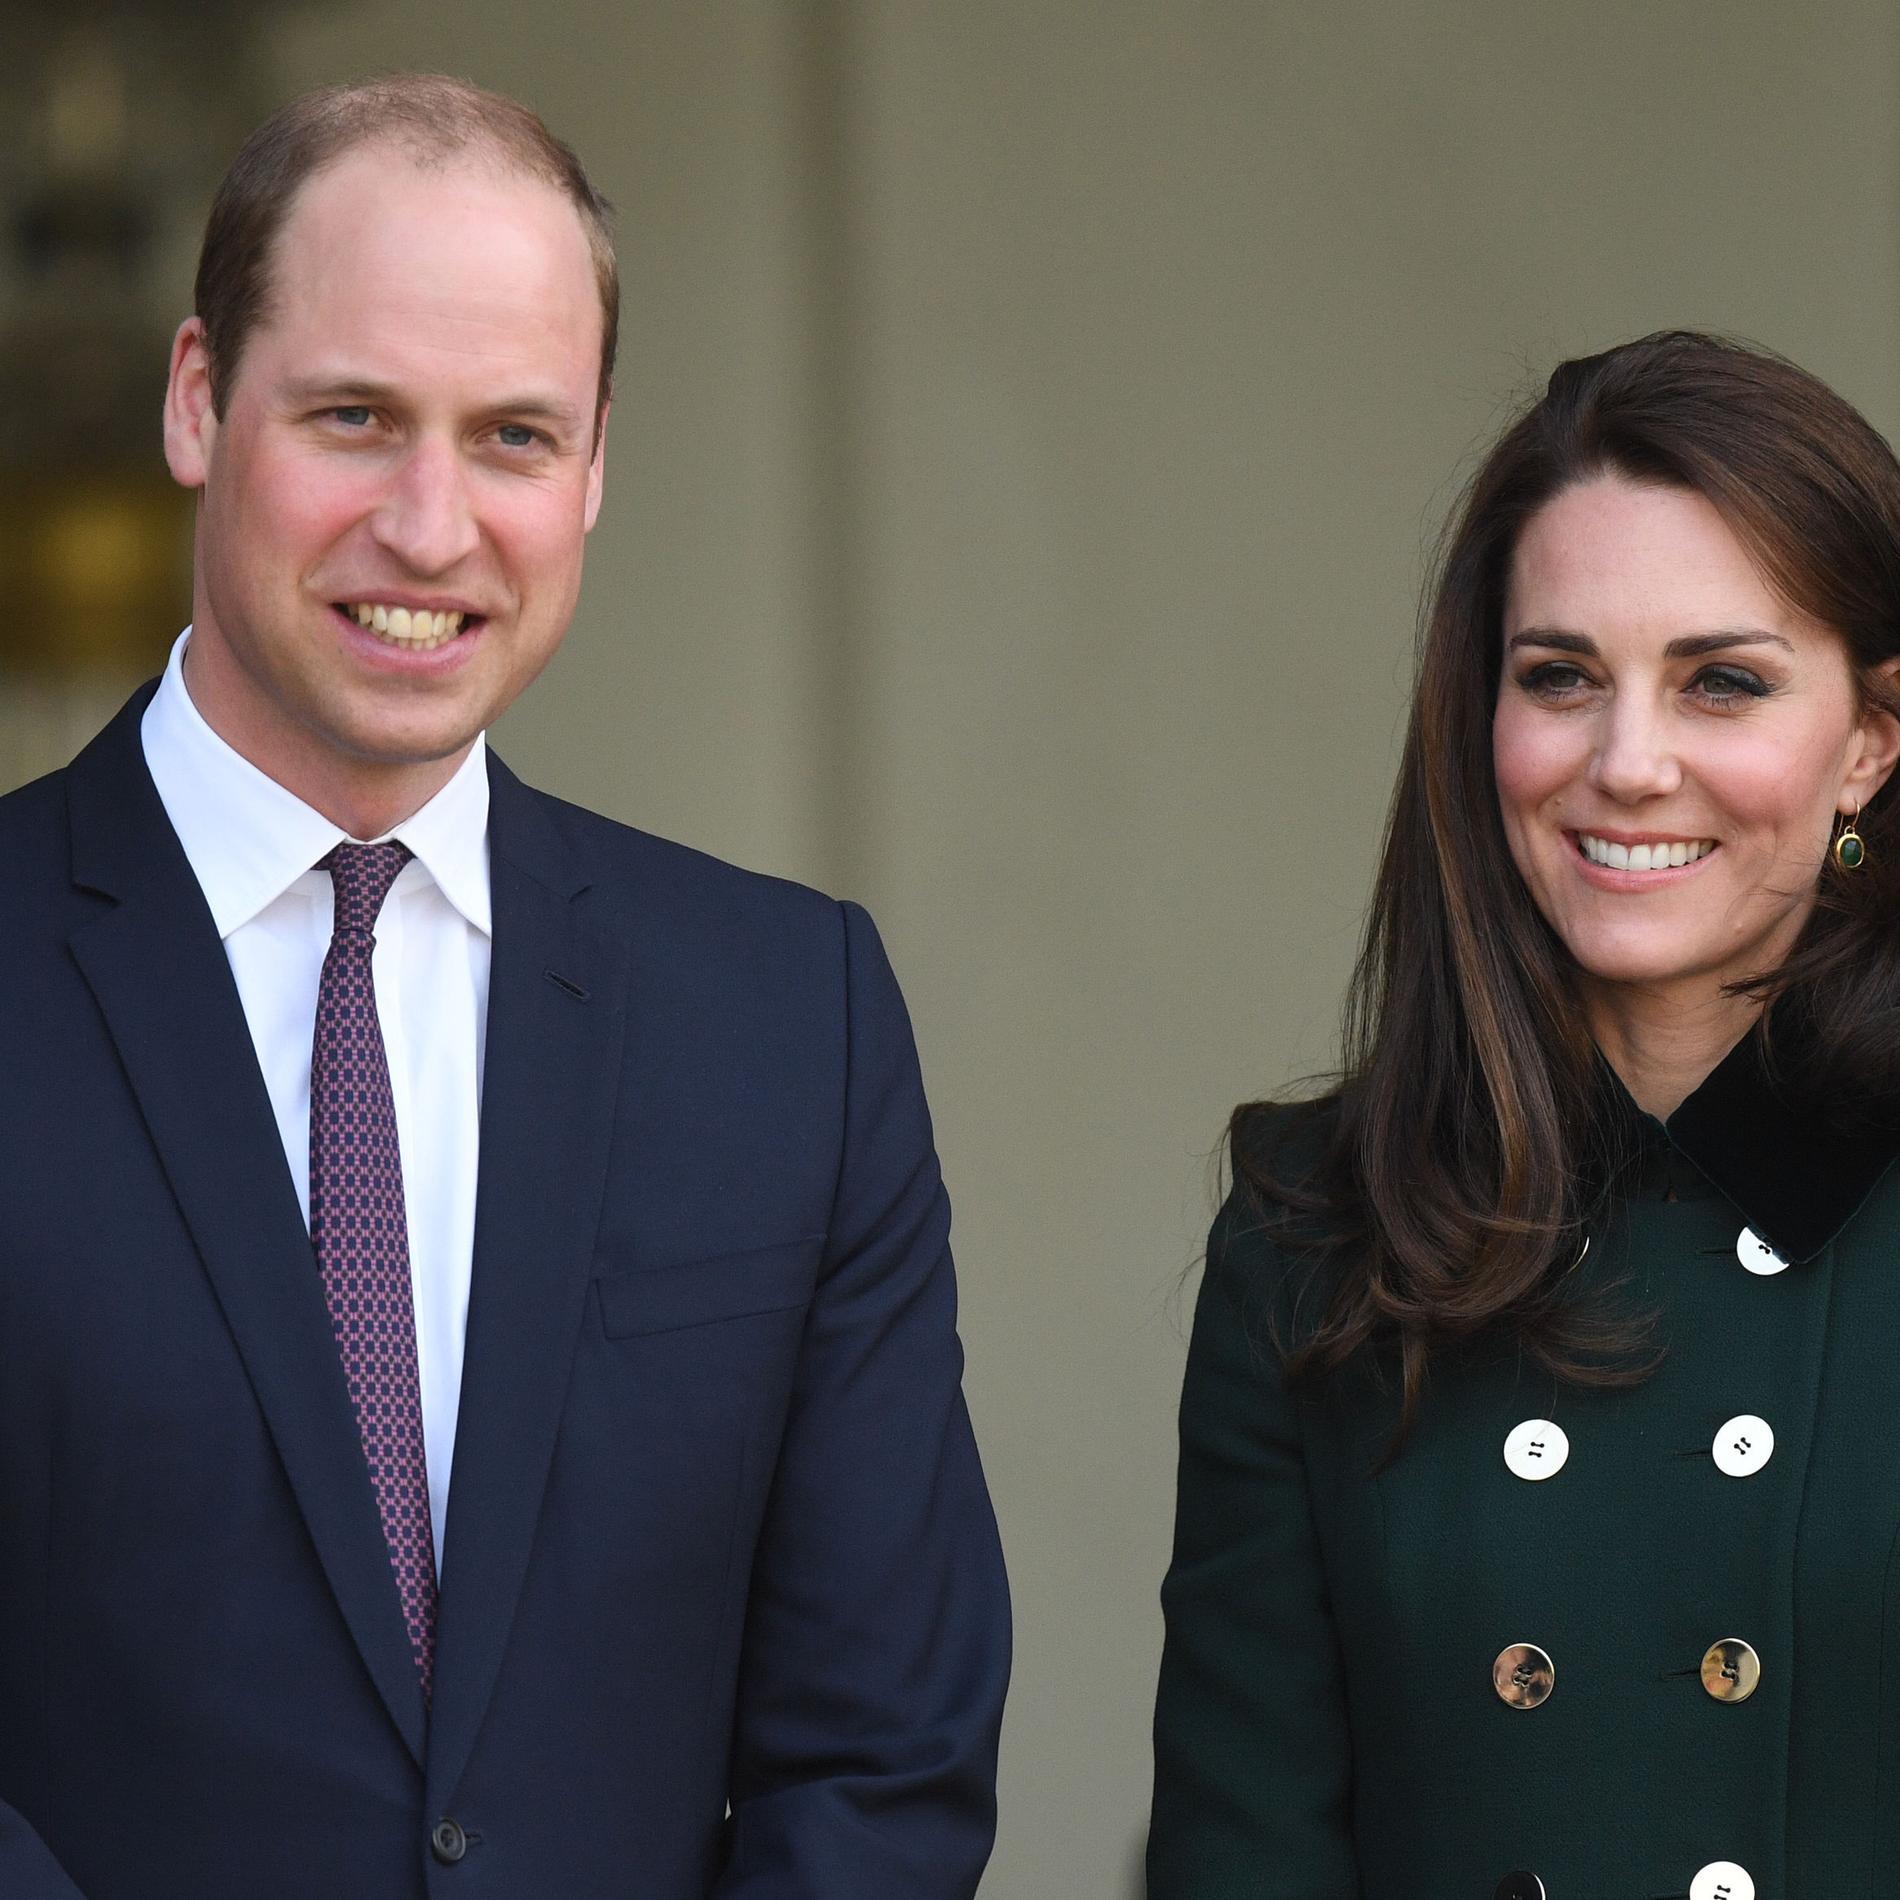 Prénom du futur royal baby : les paris sont ouverts